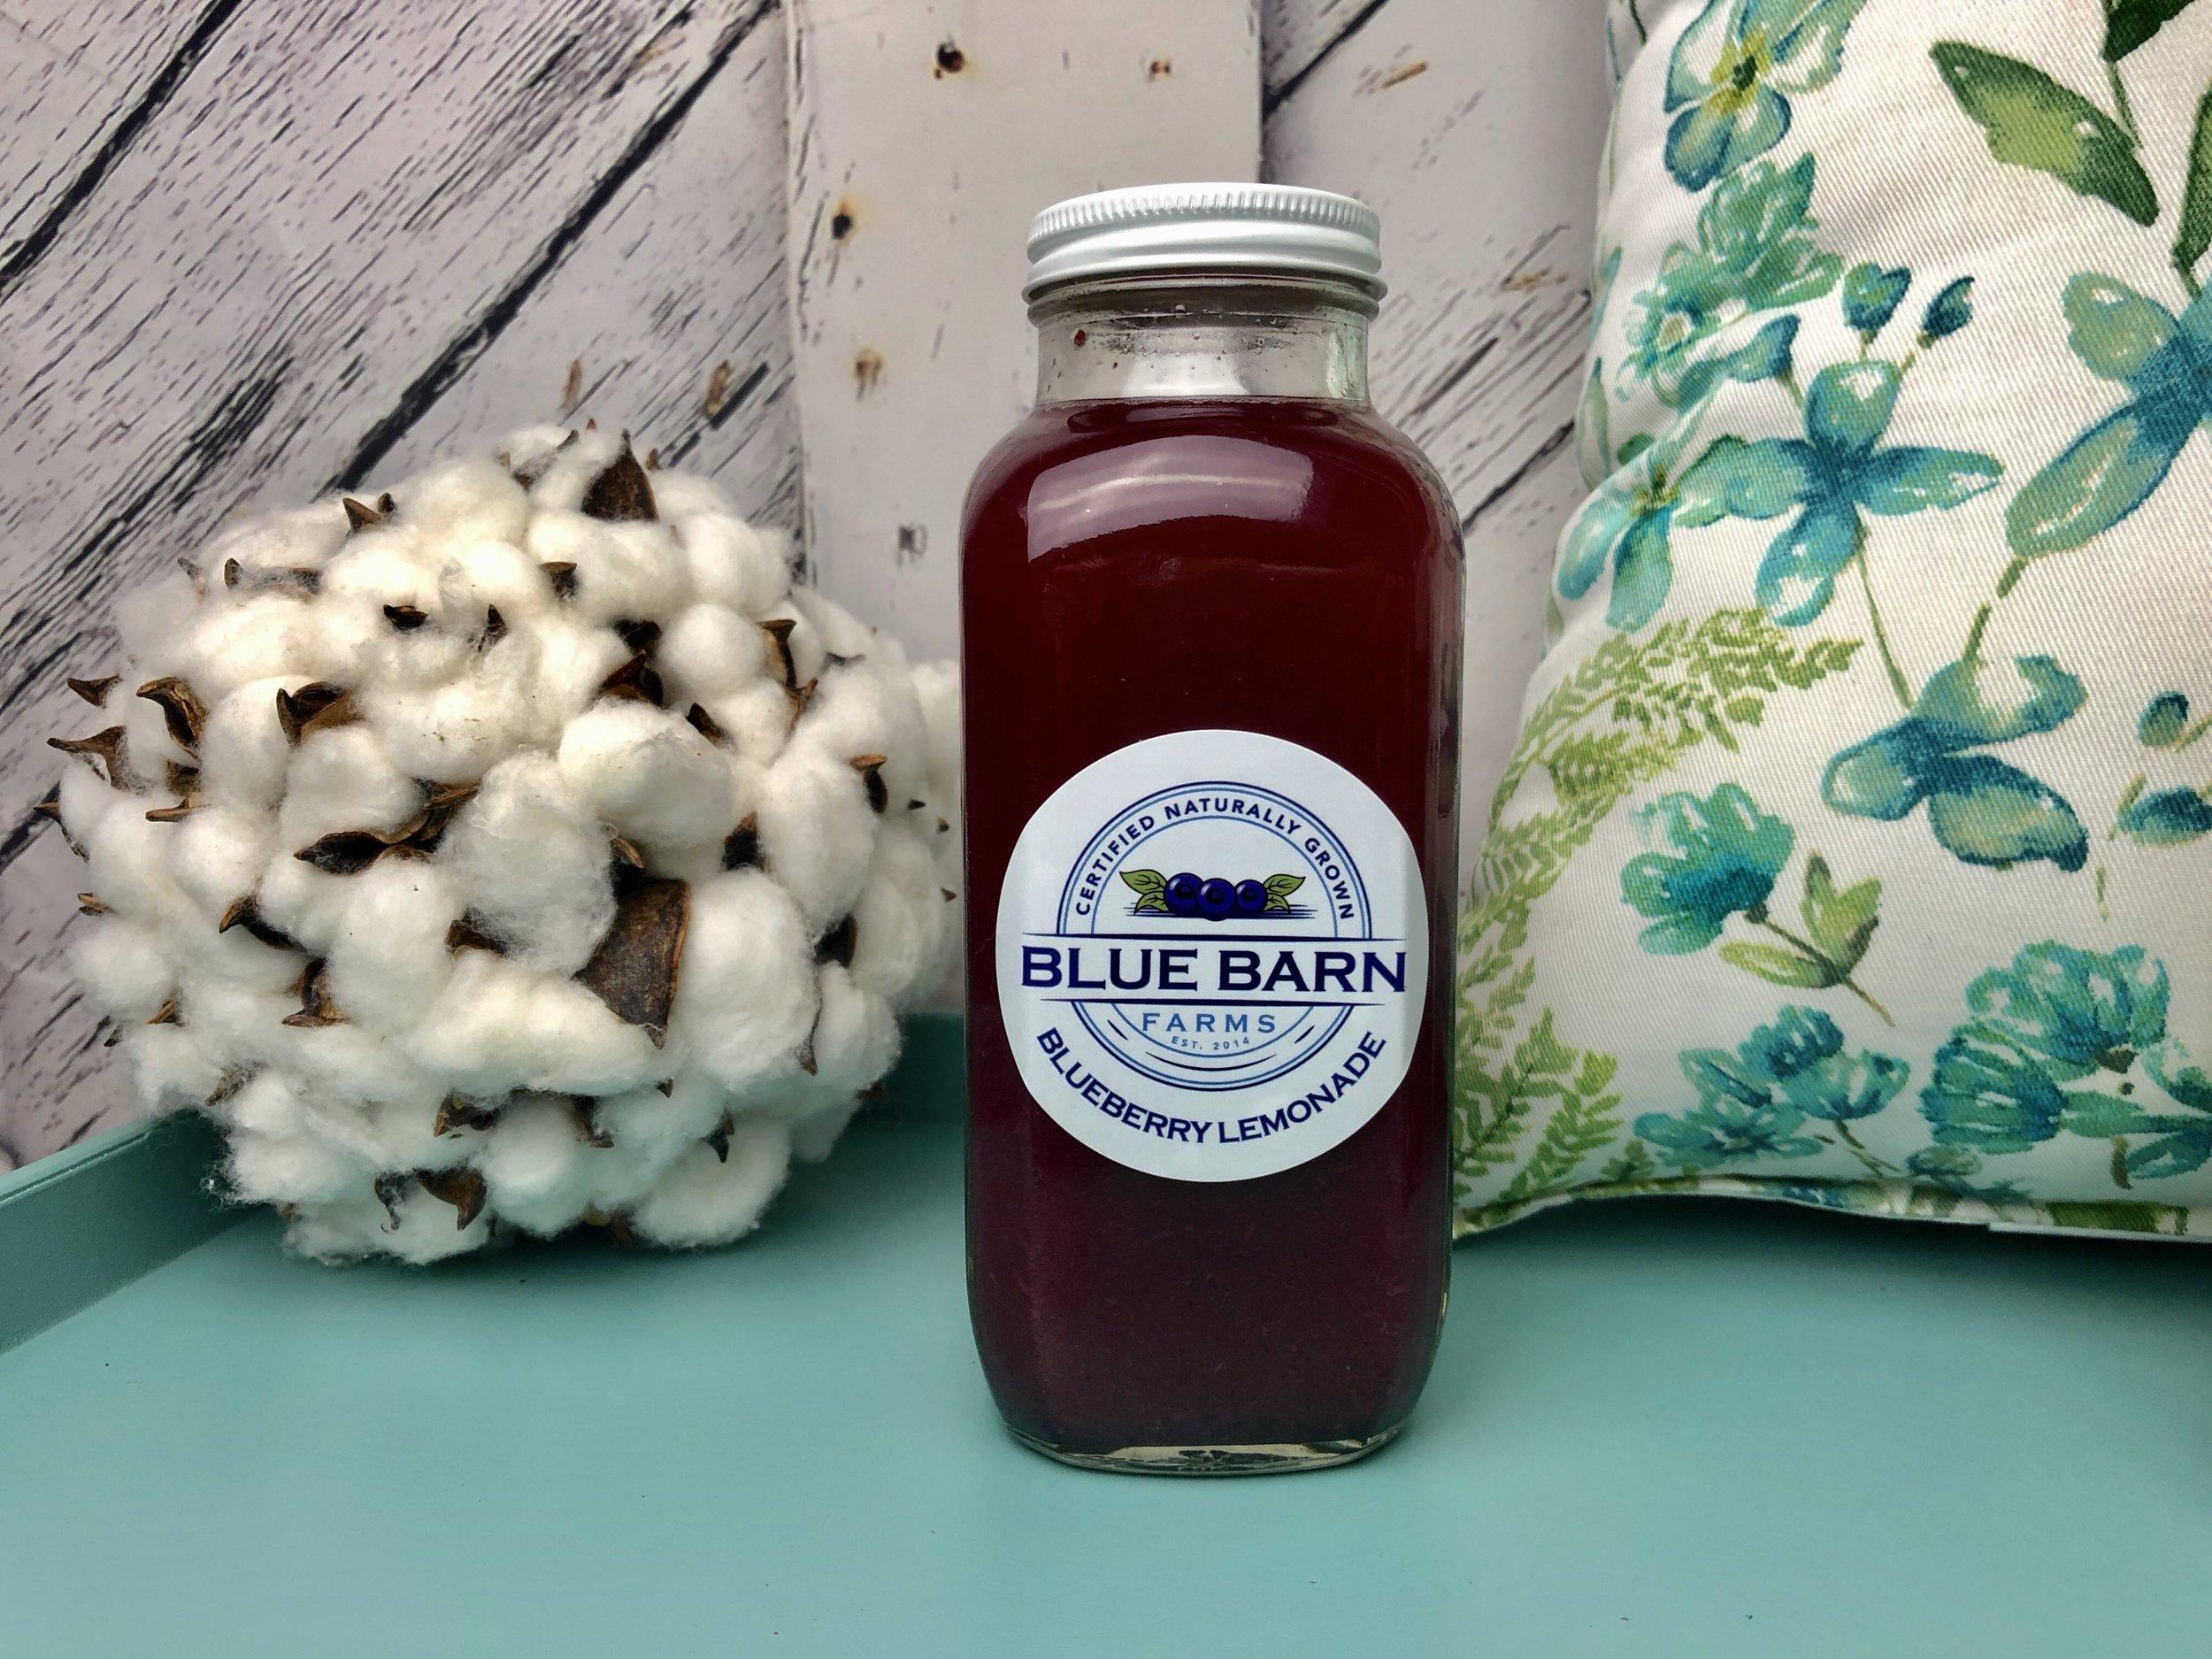 Blueberry Lemonade -